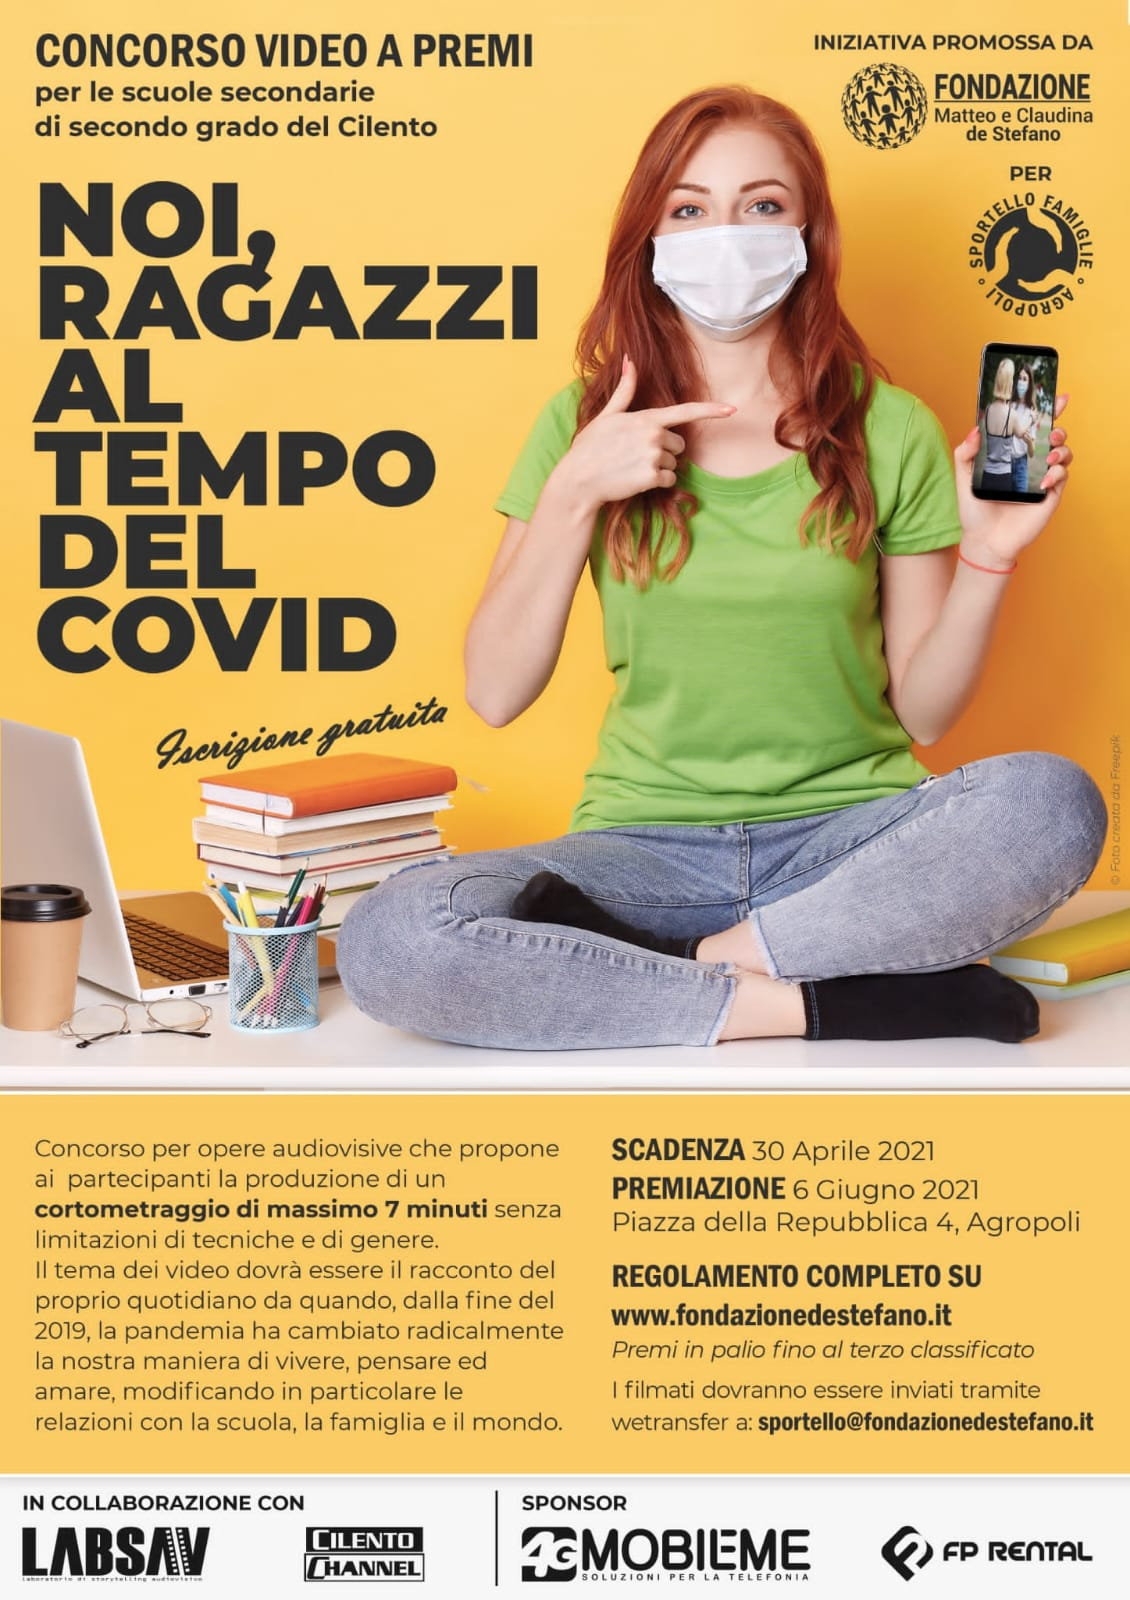 Locandina 2 concorso scuole: Noi, ragazzi al tempo del Covid